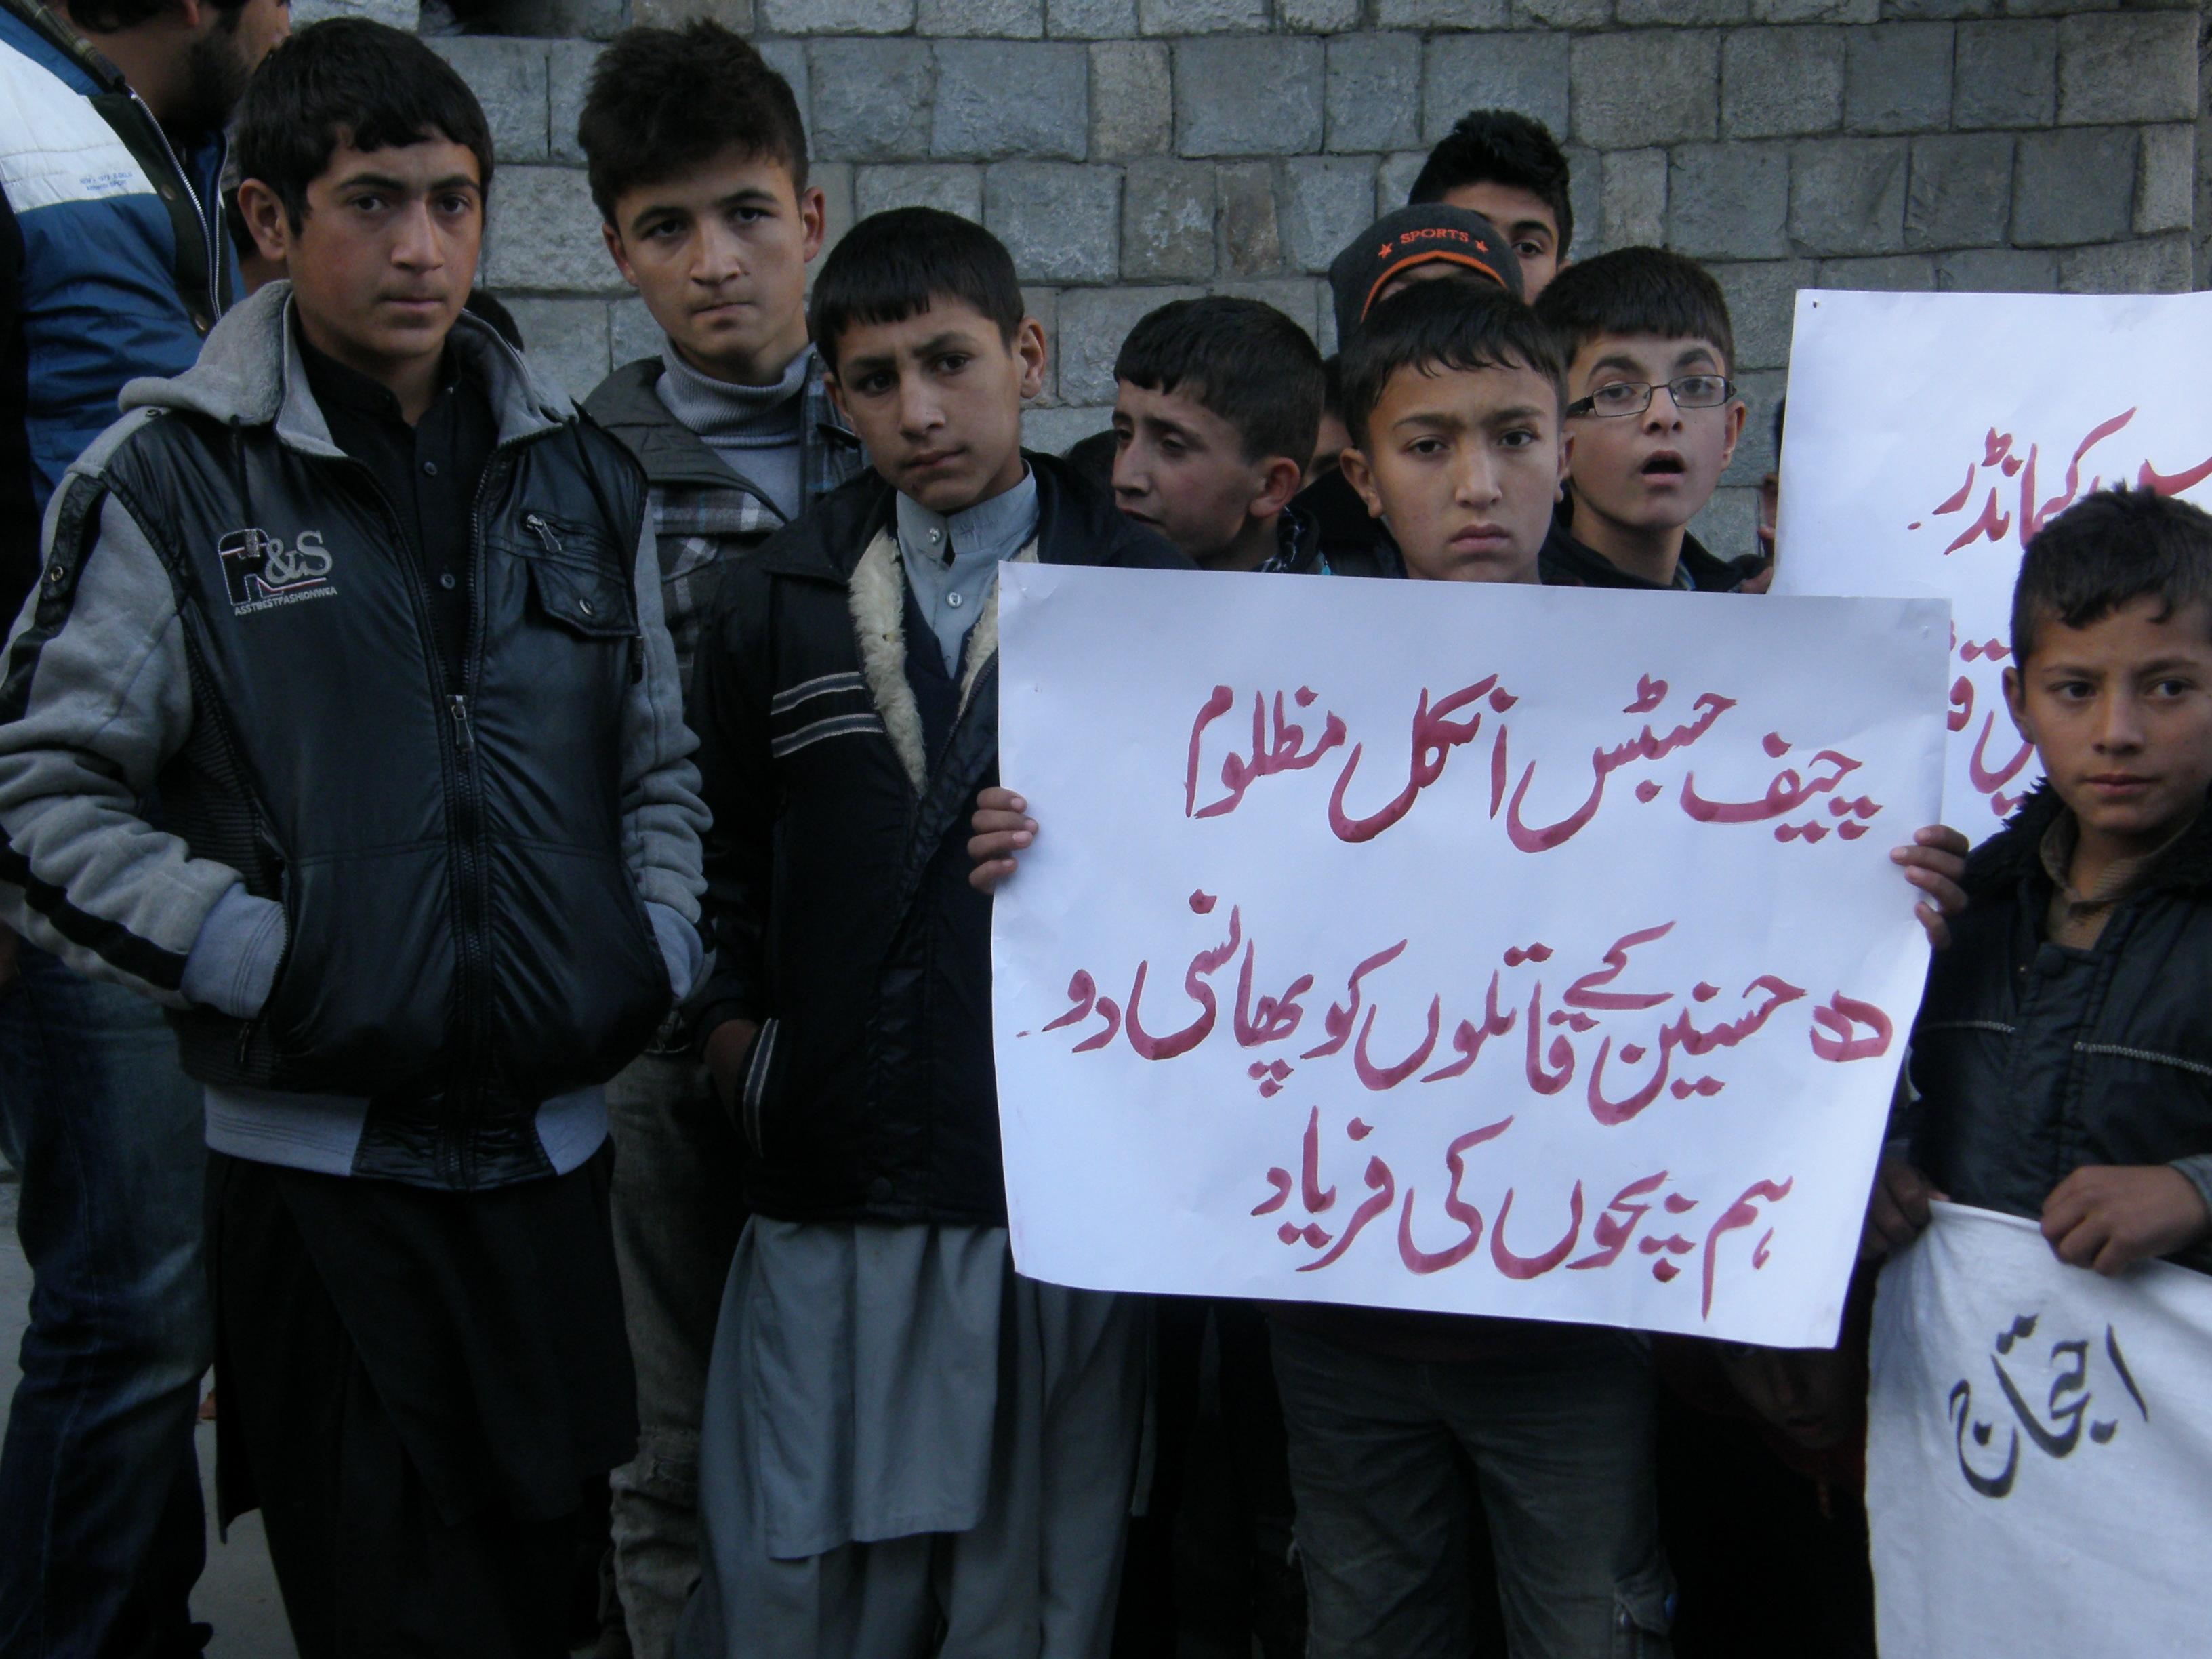 گلگت، ننھے حسنین کے قتل کے خلاف احتجاج کا سلسلہ جاری